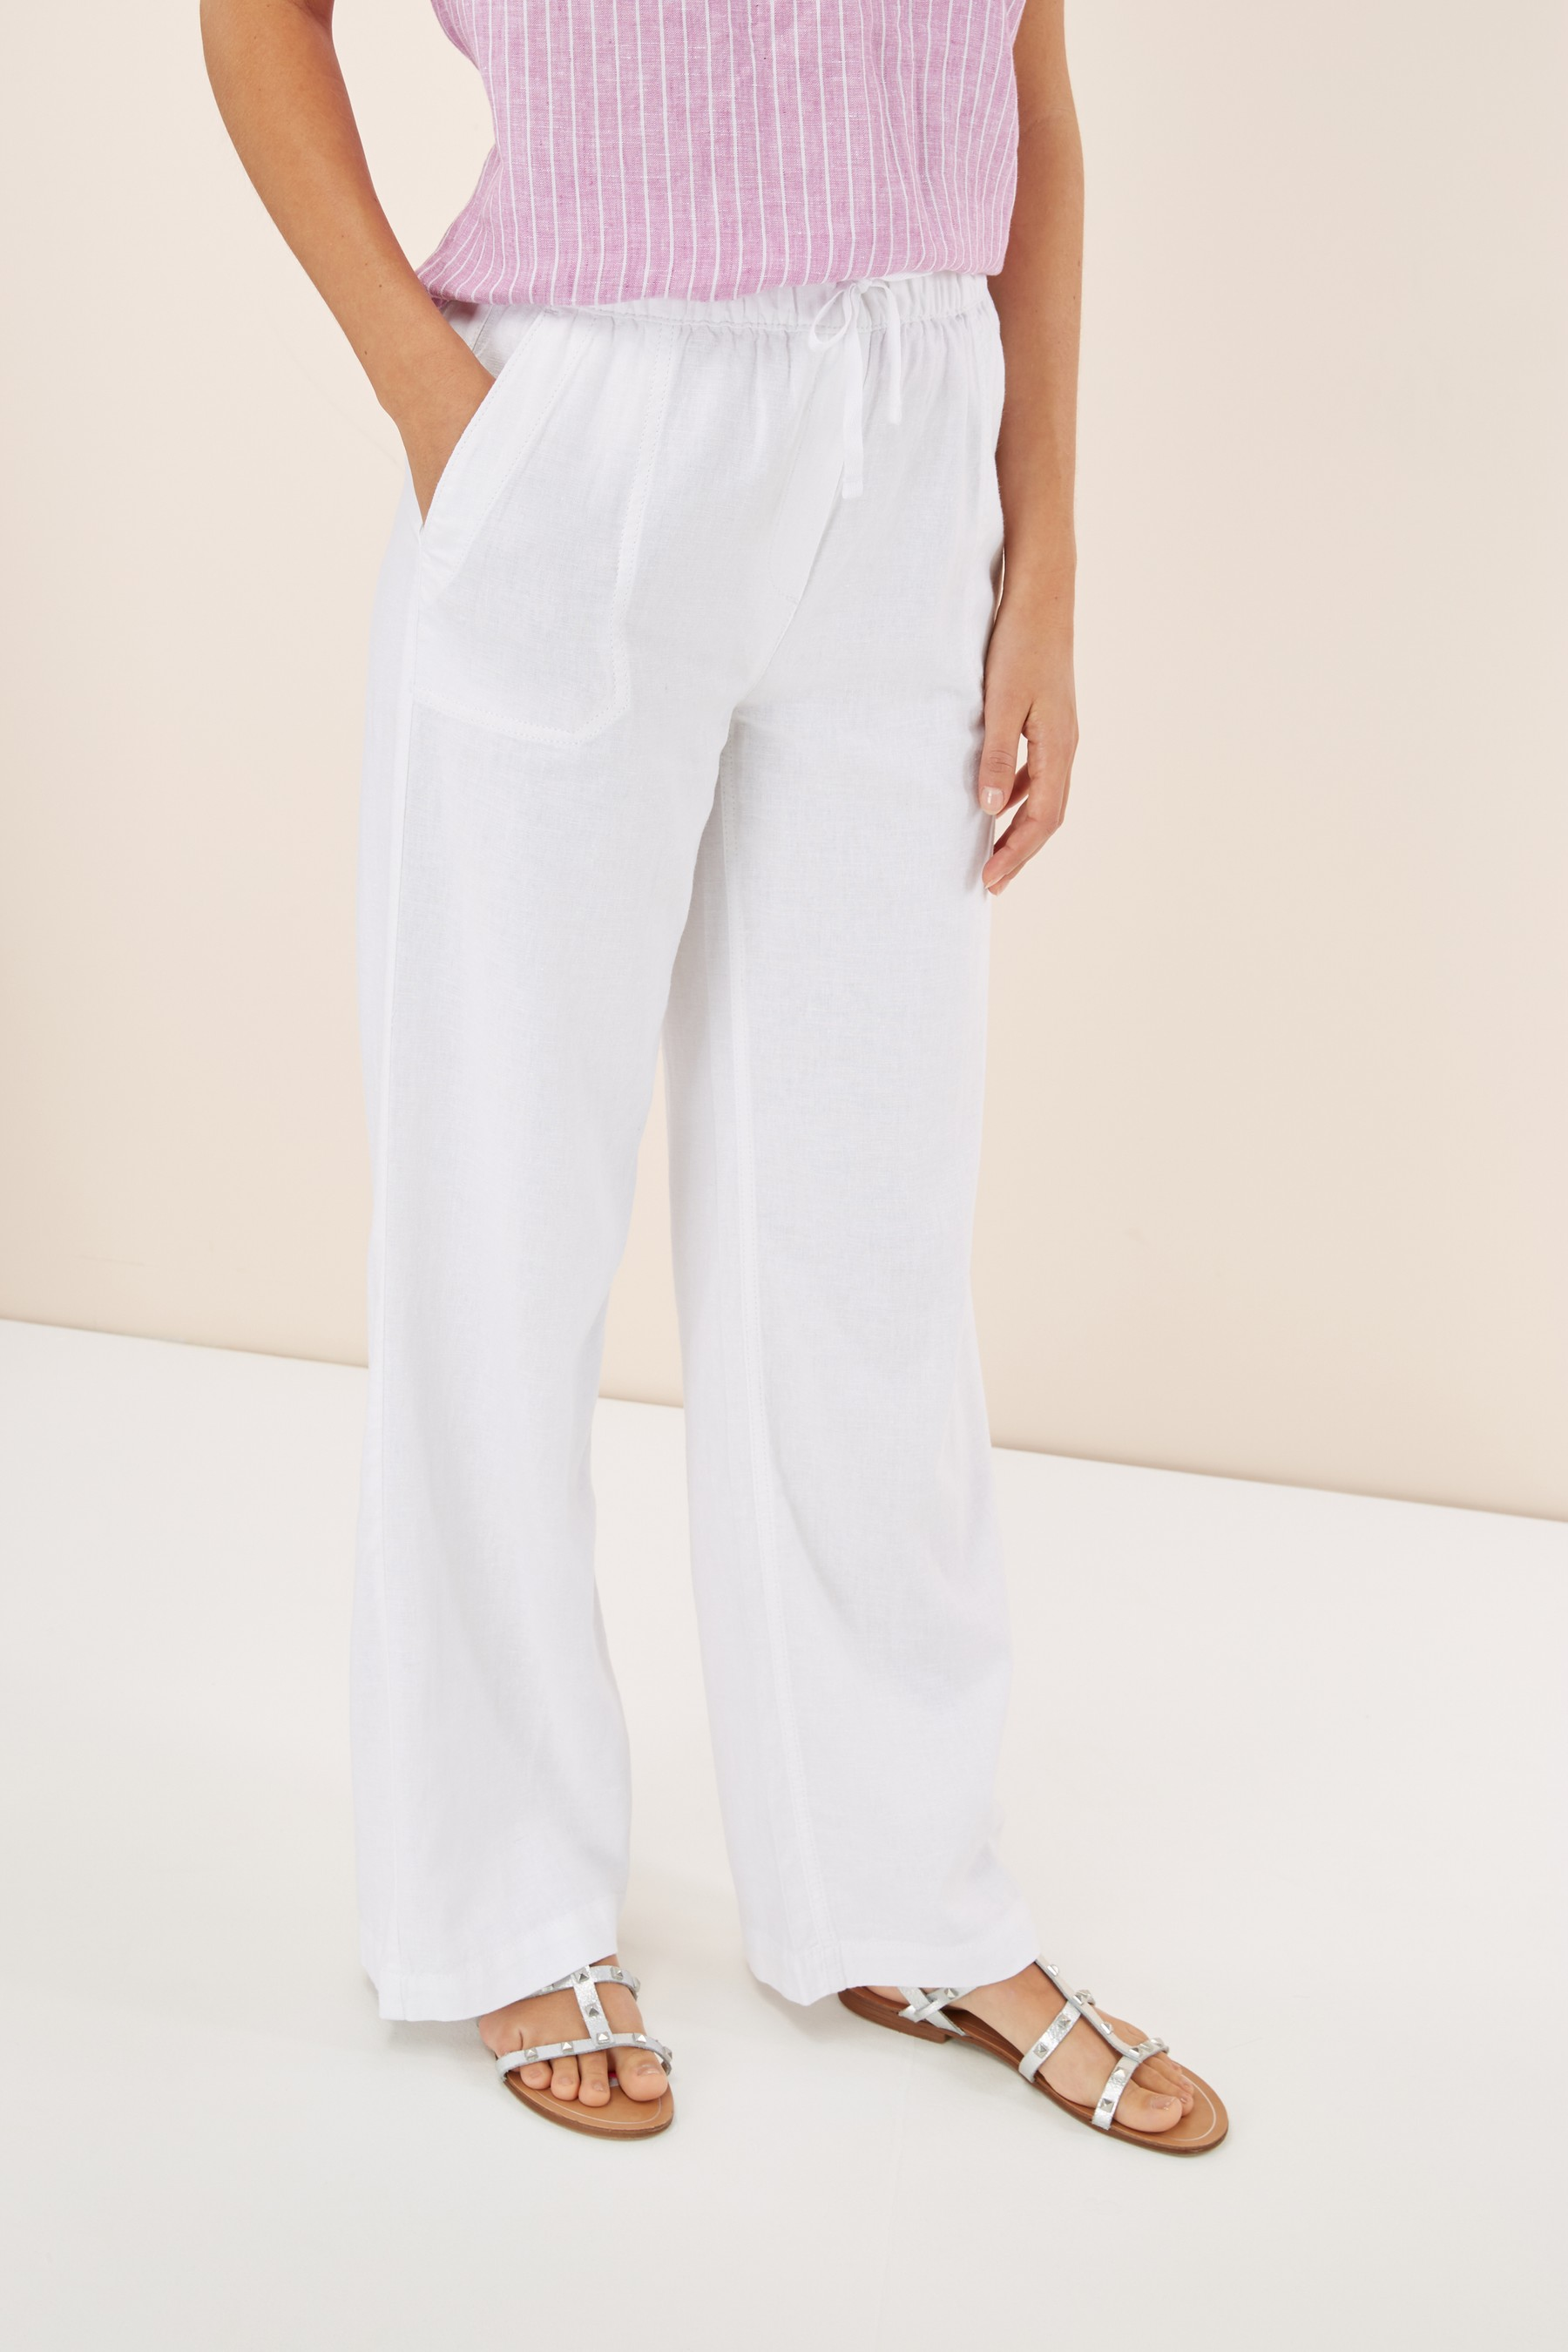 Next Linen Blend trousers £24